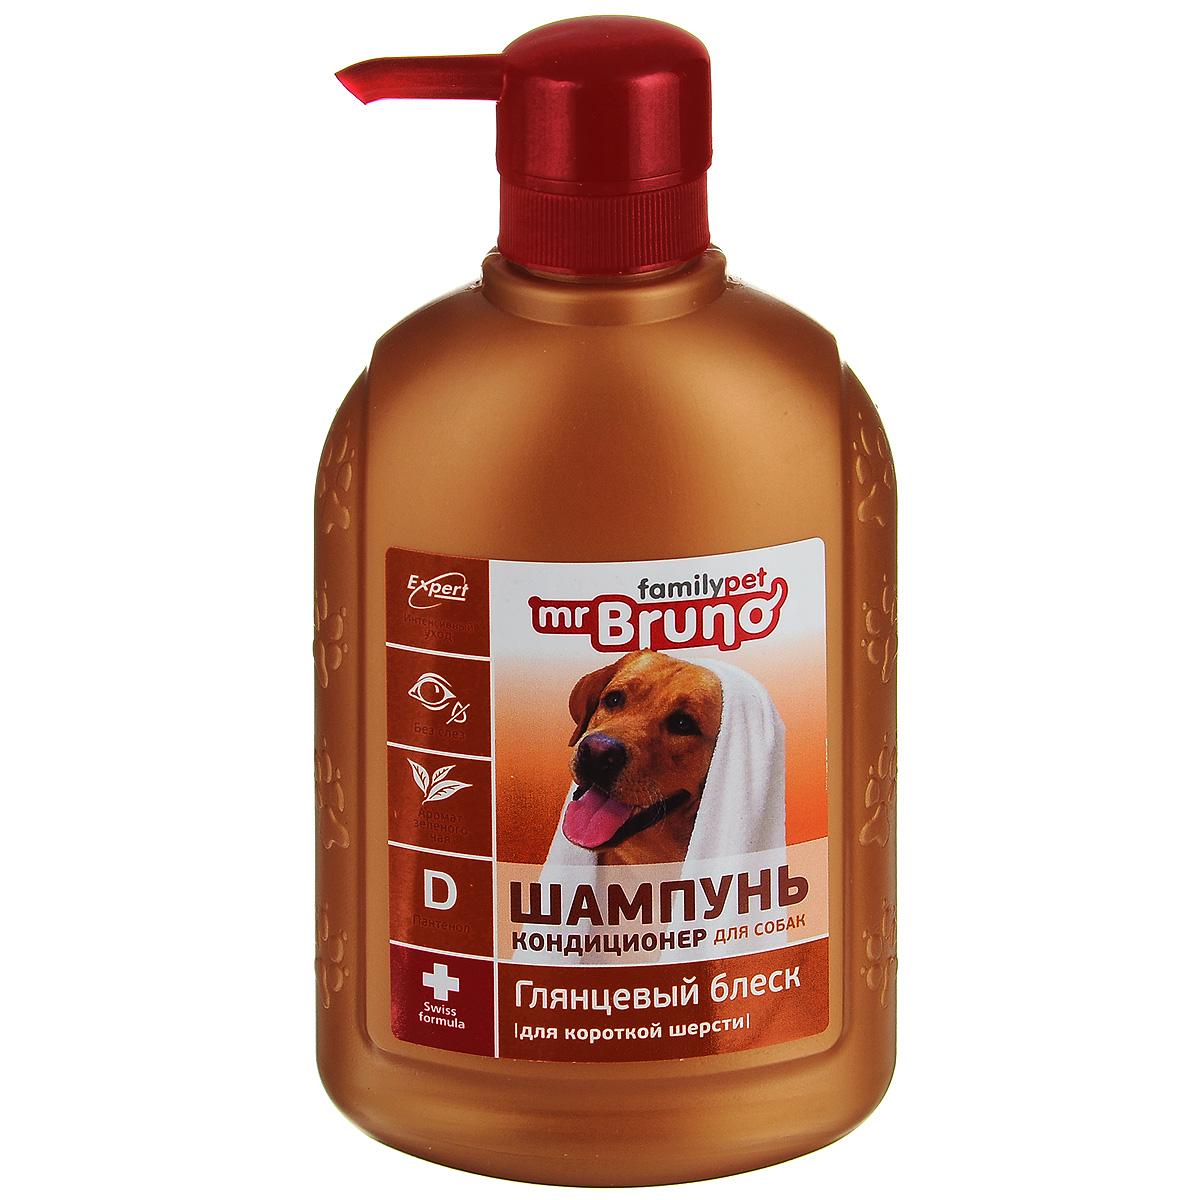 Шампунь-кондиционер для собак Mr. Bruno Глянцевый блеск, для короткой шерсти, 350 млMB05-00110Шампунь-кондиционер Mr. Bruno Глянцевый блеск предназначен для собак с короткой шерстью, которой необходимо придать блеск, прилегание и выпрямление. PVP-кондиционер выпрямляет, полирует шерсть и обеспечивает её прилегание; биотин снимает зуд, раздражение и шелушение кожи, укрепляет корни волос; провитамин В5 обеспечивает питание и здоровый блеск шерсти. Состав: вода деминерализованная, лауретсульфат натрия, кокамидопропил бетаин, ДЭА жирных кислот кокосового масла, децилглюкозид, гликоль, дестеарат, лаурет-4, силикон PVP, биотин, Д-пантенол, хлорид натрия, поликватерниум-7, отдушка, лимонная кислота, ДМДМ-гидантоин, ЭДТА, хлорметилизотиазолинон, метилизотиазолинон. Товар сертифицирован.